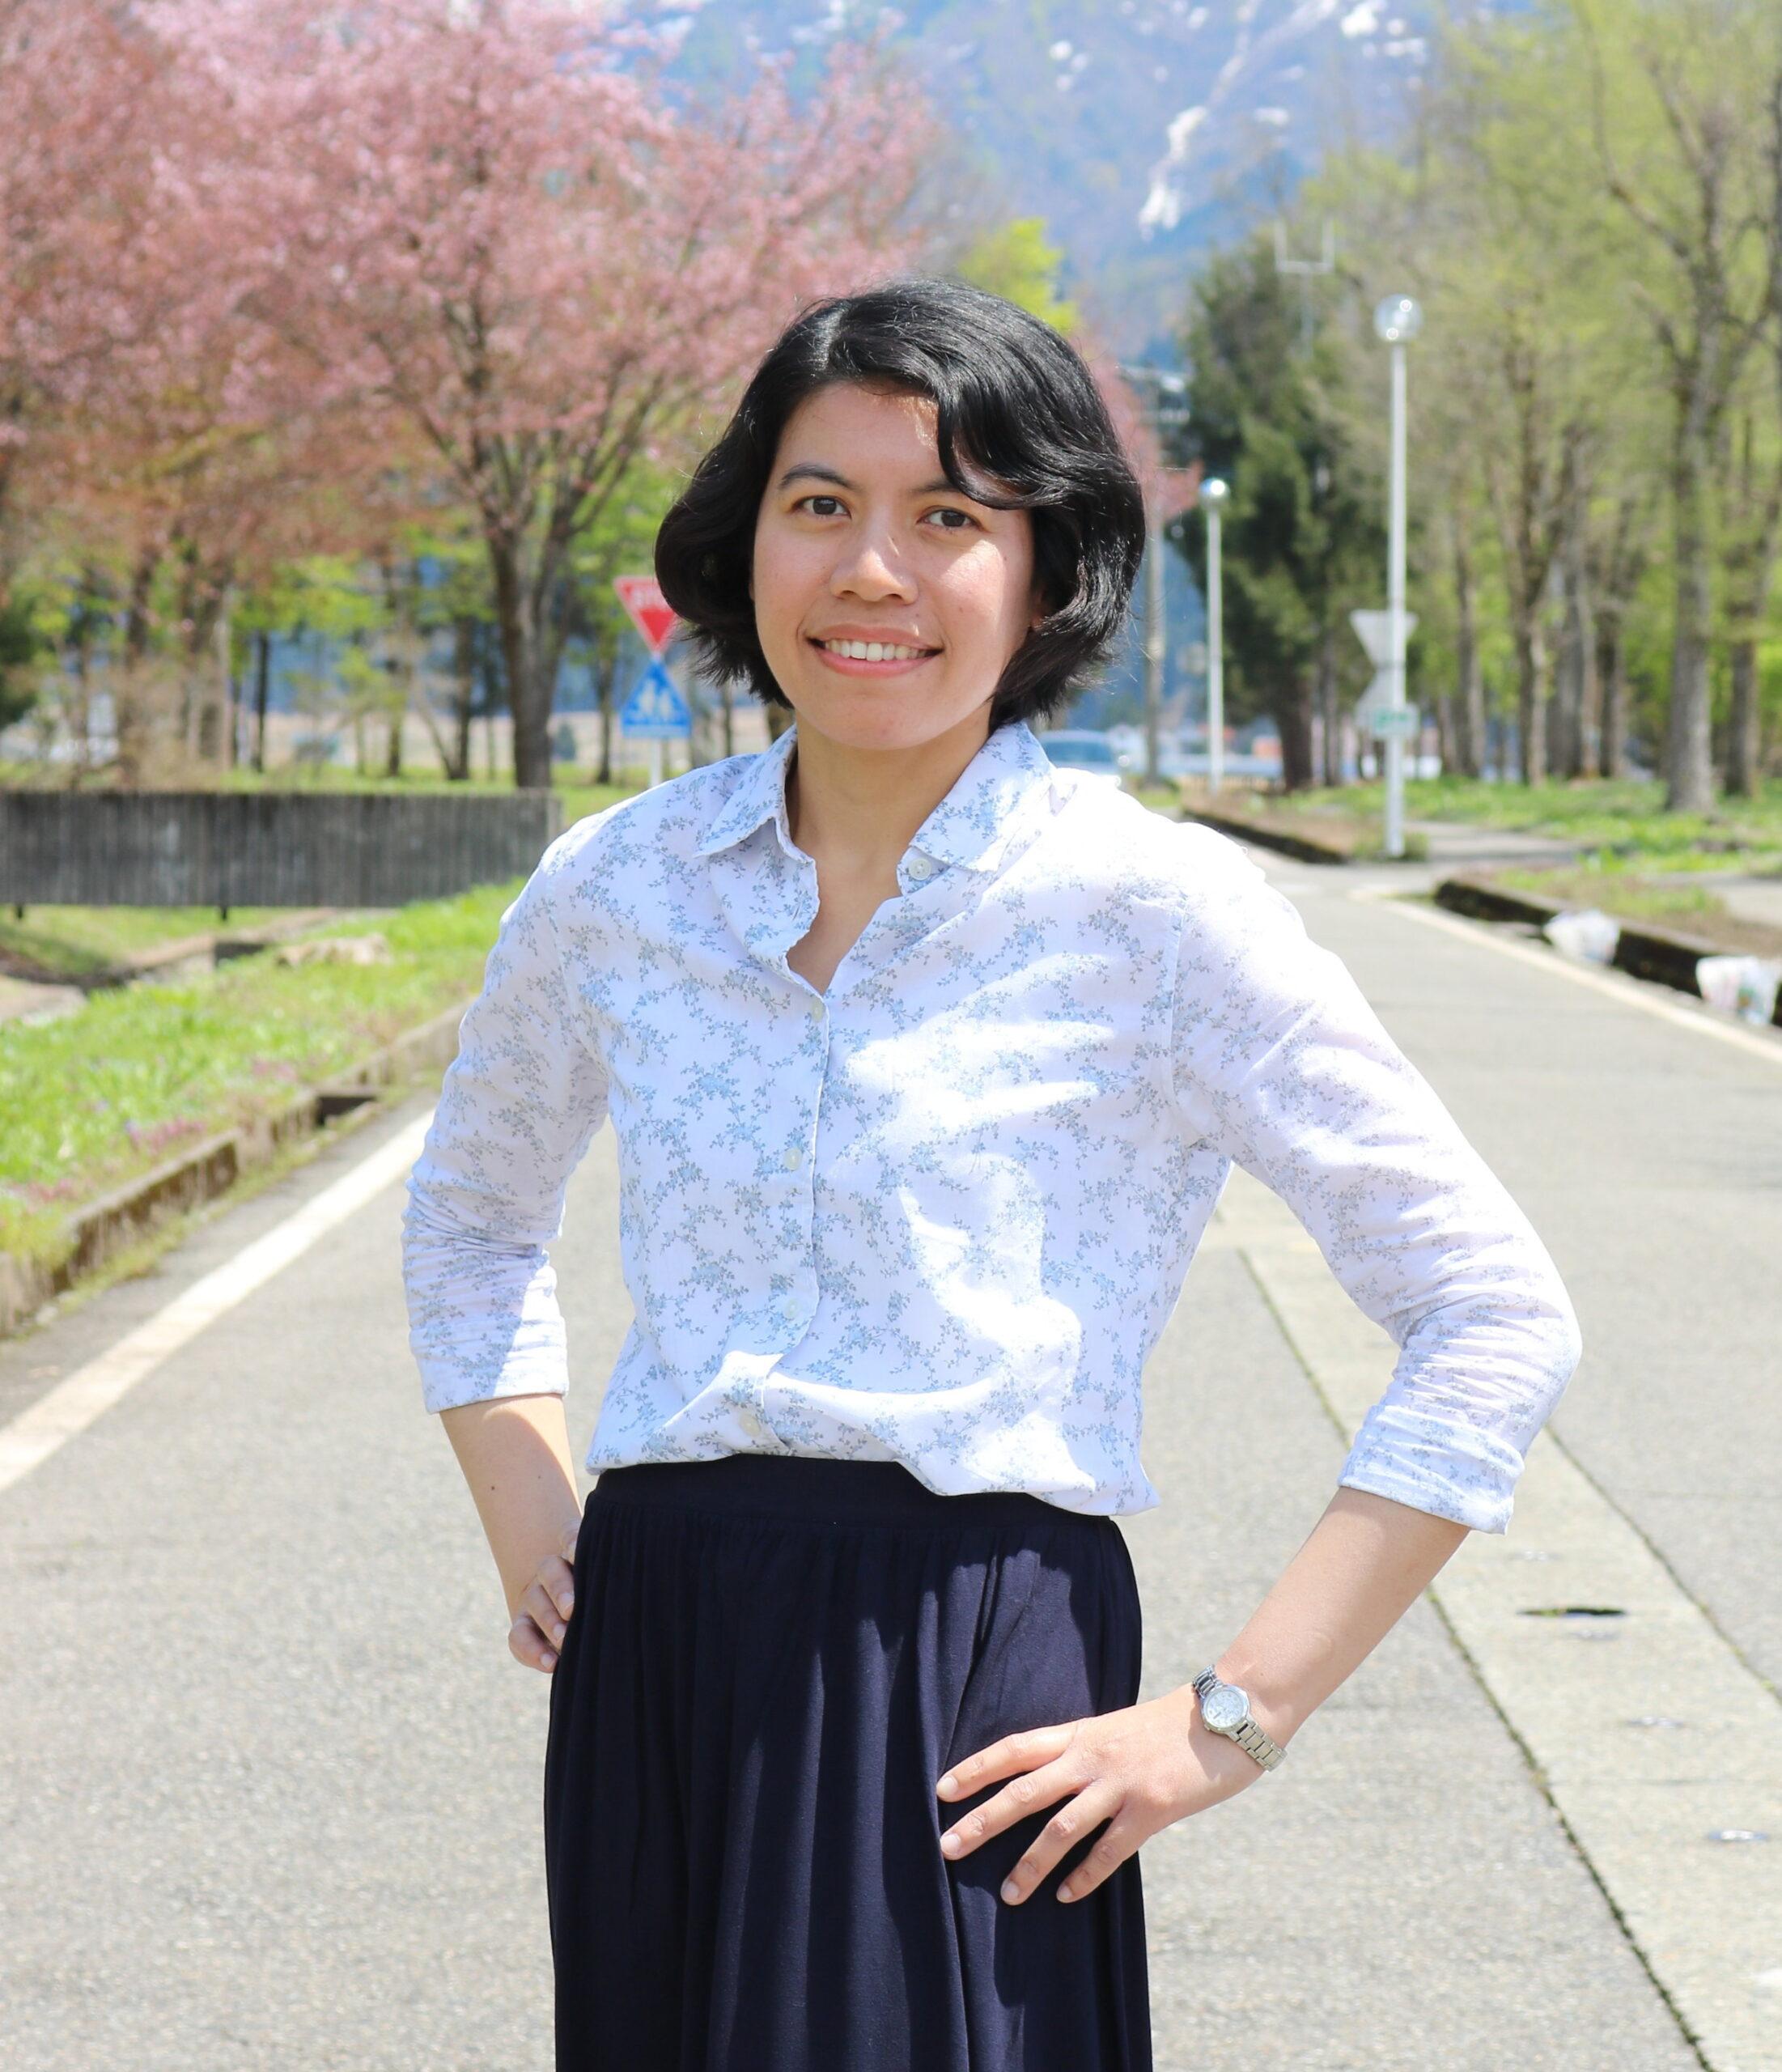 Tekstin kirjoittaja Aznita Pharmy on juuri valmistunut kansainvälisten suhteiden yliopisto-opiskelija Petaling Jayan kaupungista Malesiasta. Hän kiinnostui ympäristöasioista jo lapsena ja haluaa työskennellä ilmastoaiheiden tutkijana.